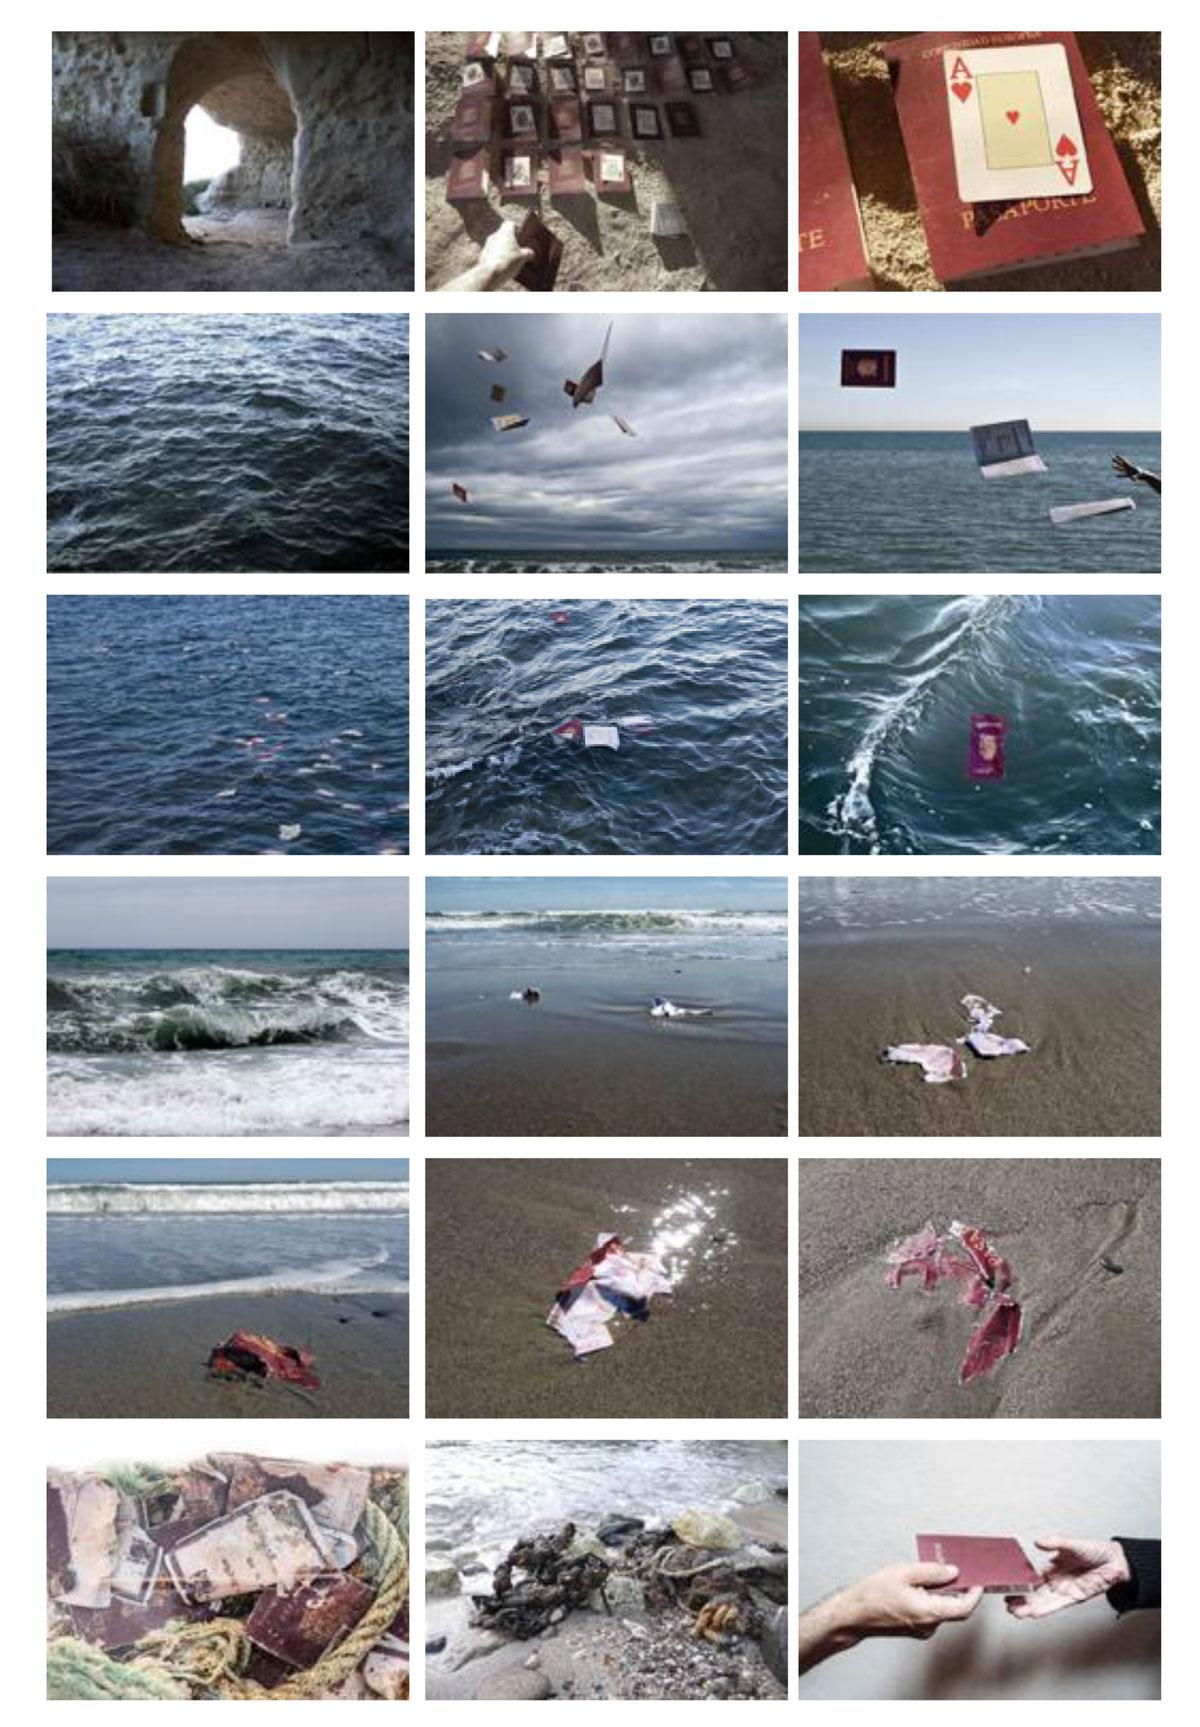 Sueños en el mar. Del viaje... , 2005